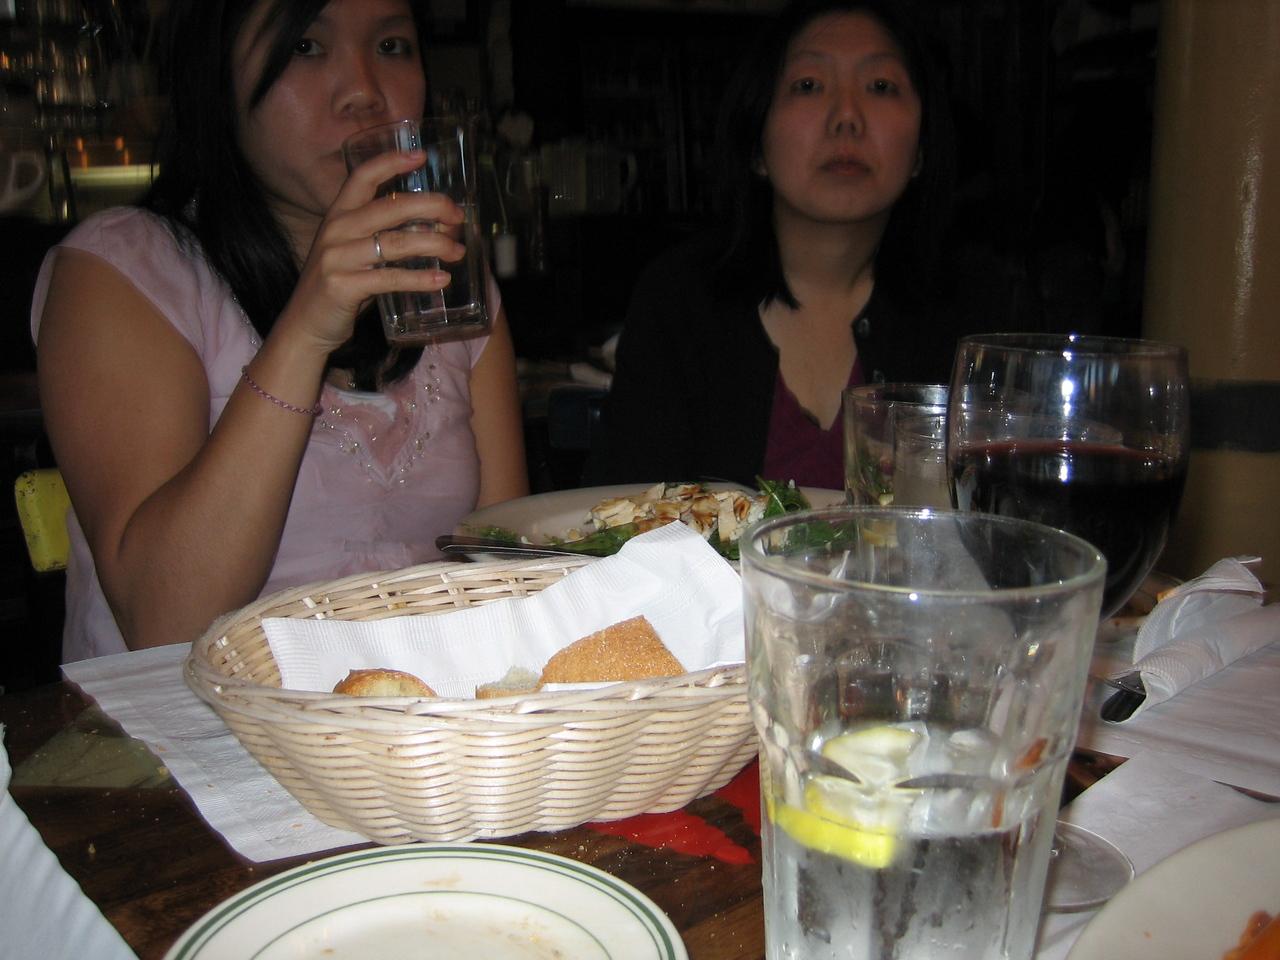 2005 06 04 Saturday - Rhonda & Lisa candid